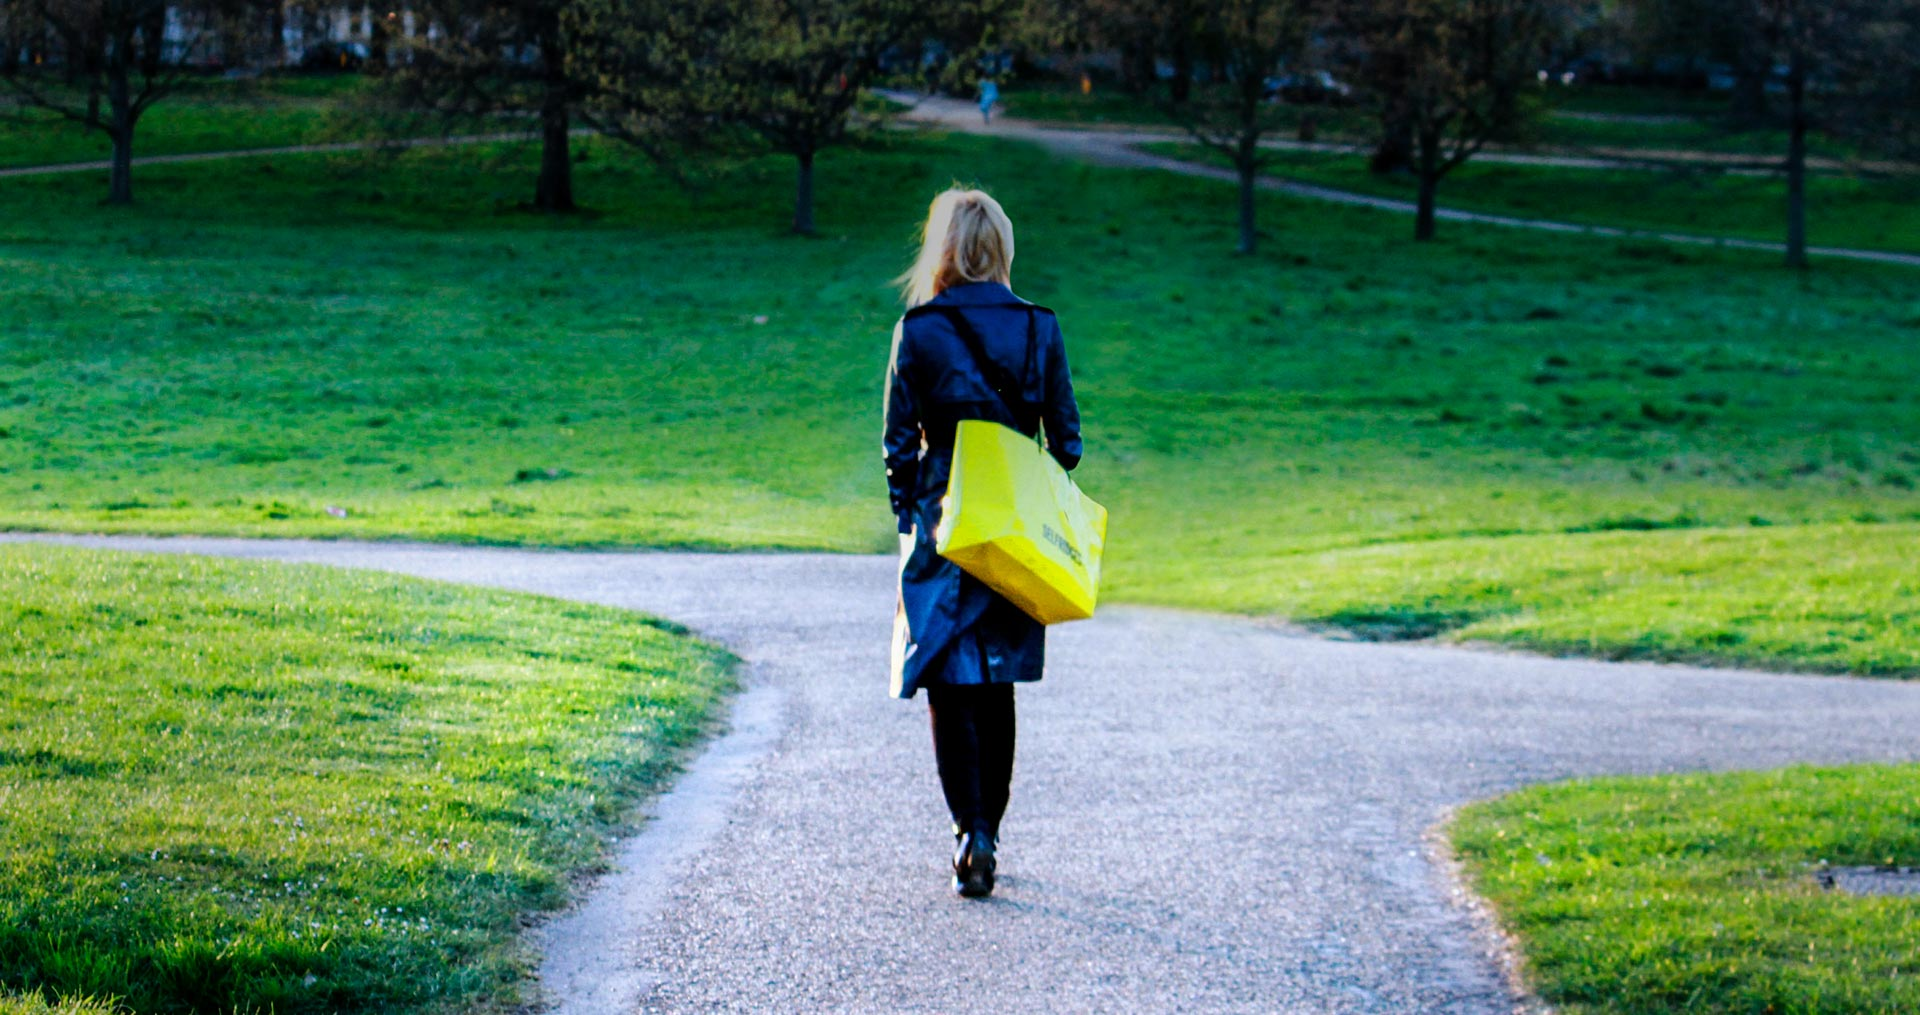 Independência financeira: dois caminhos possíveis